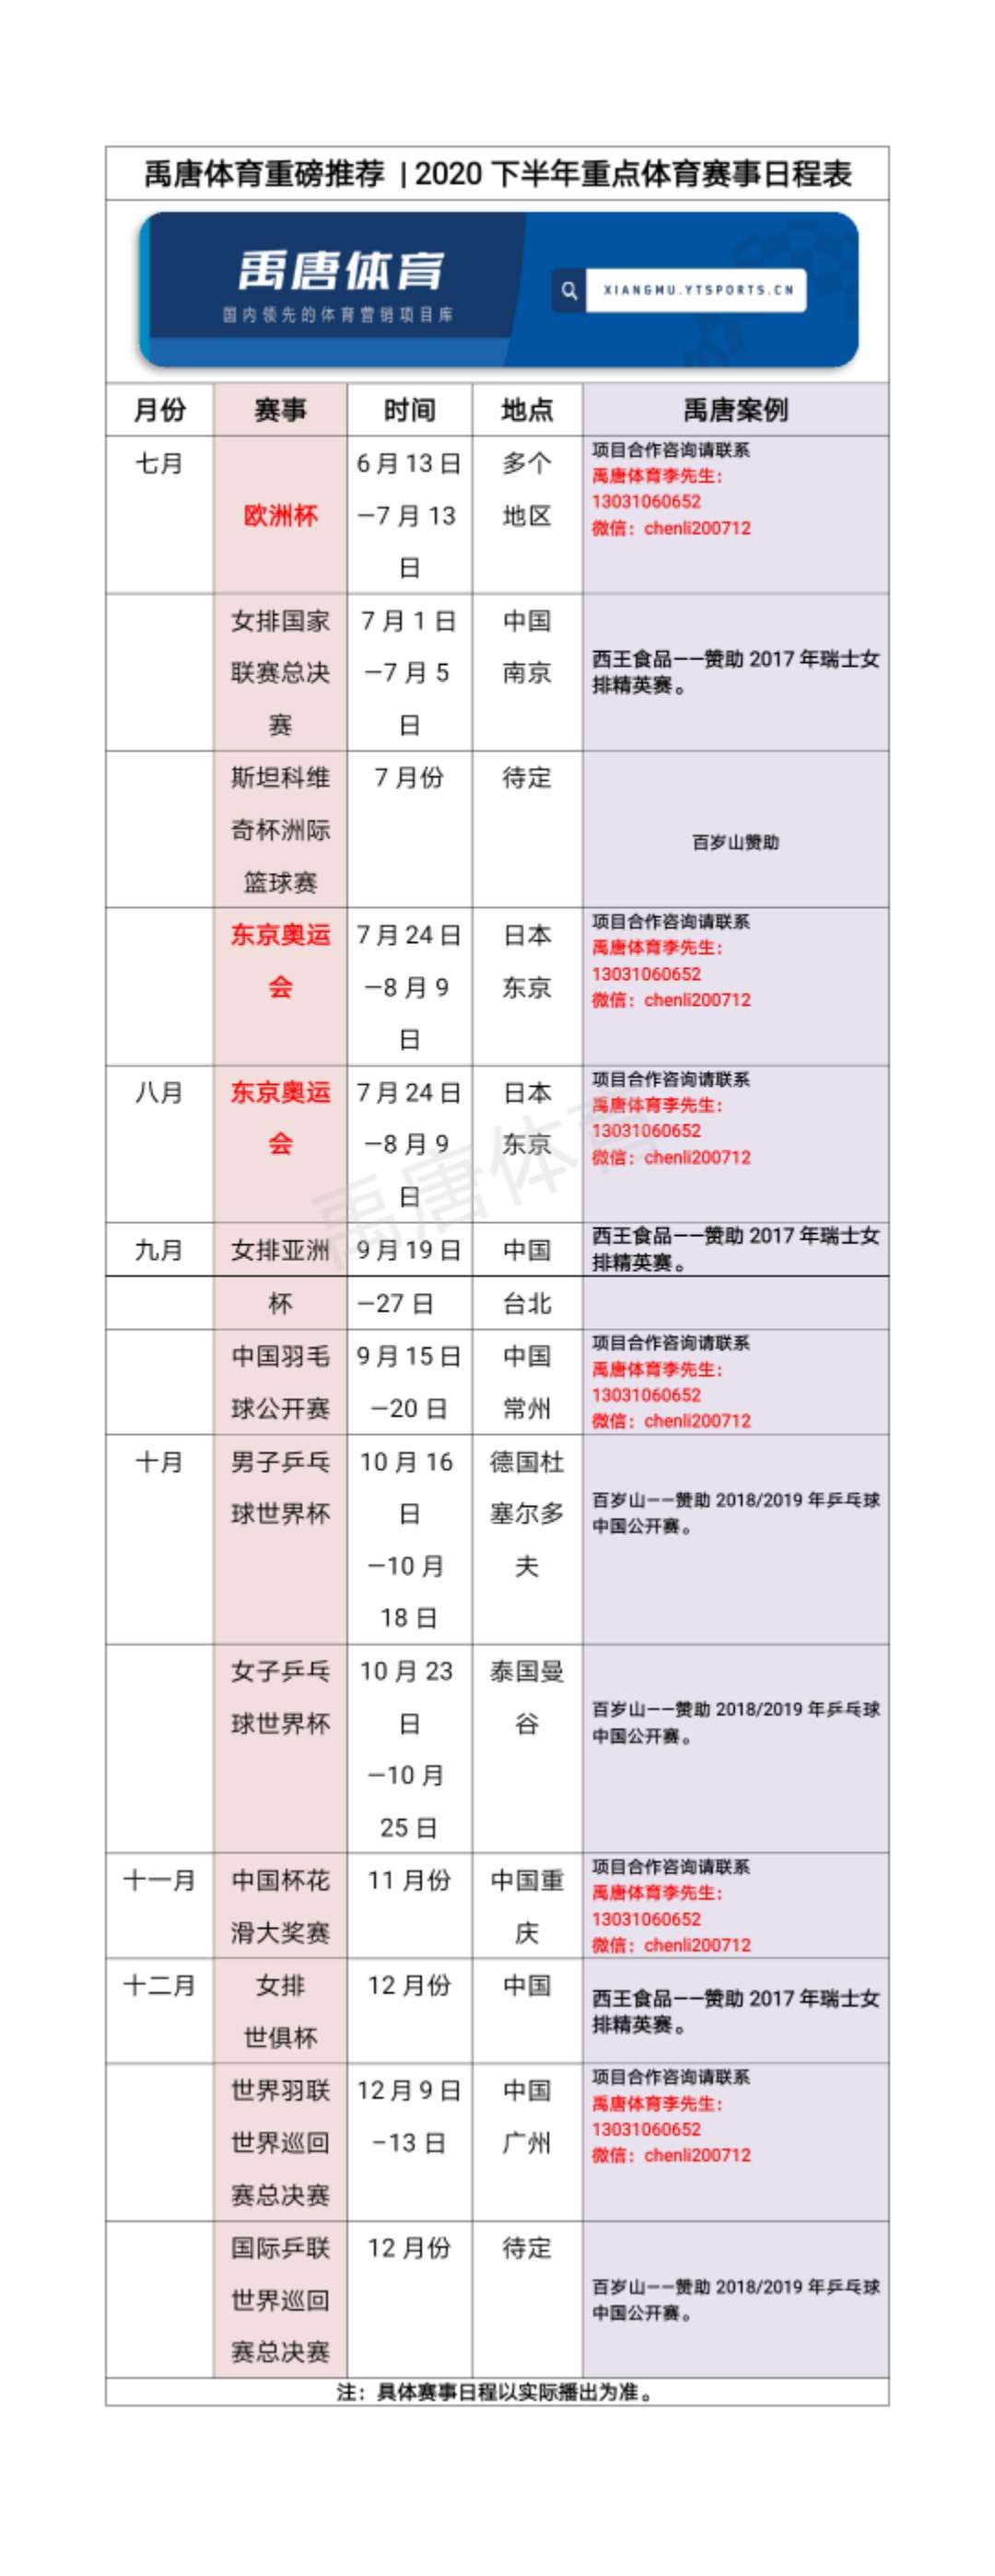 全明星第2轮投票:詹皇反超东契奇领先全同盟